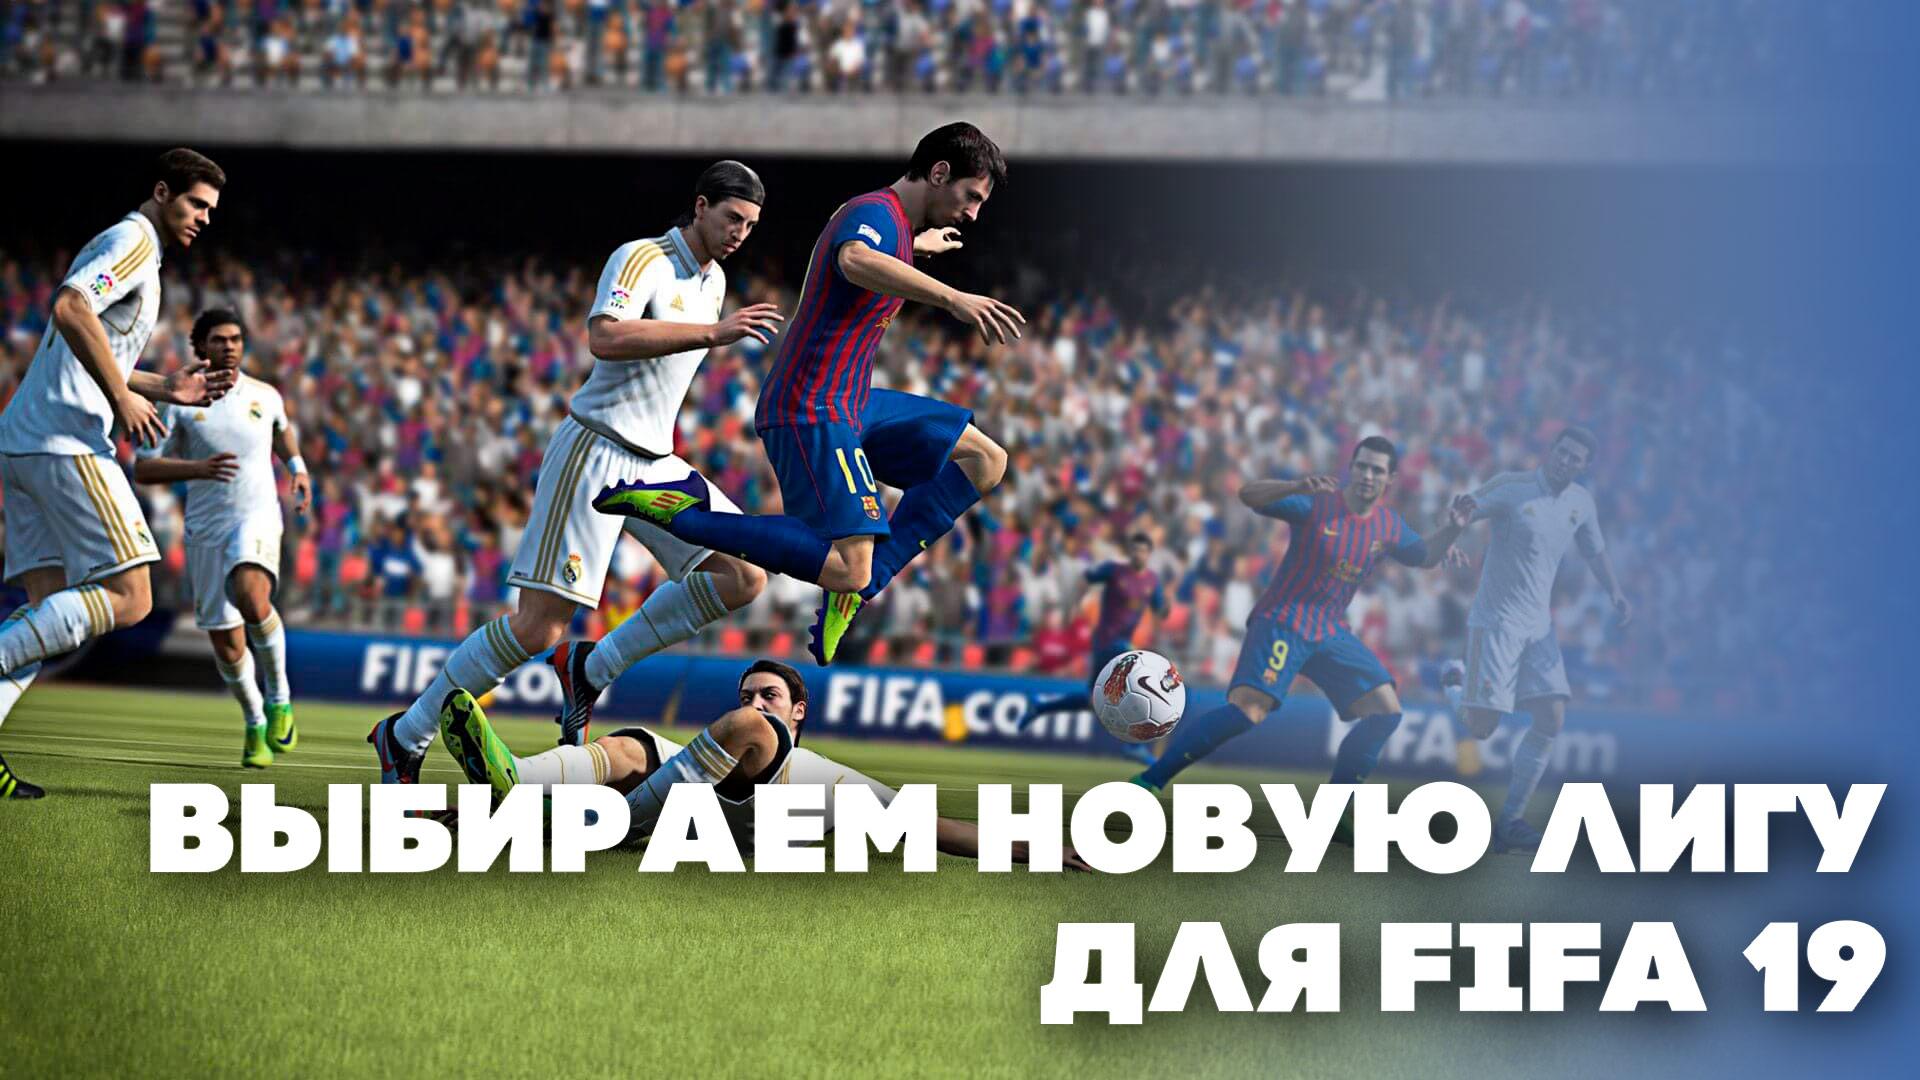 Новая лига FIFA 19